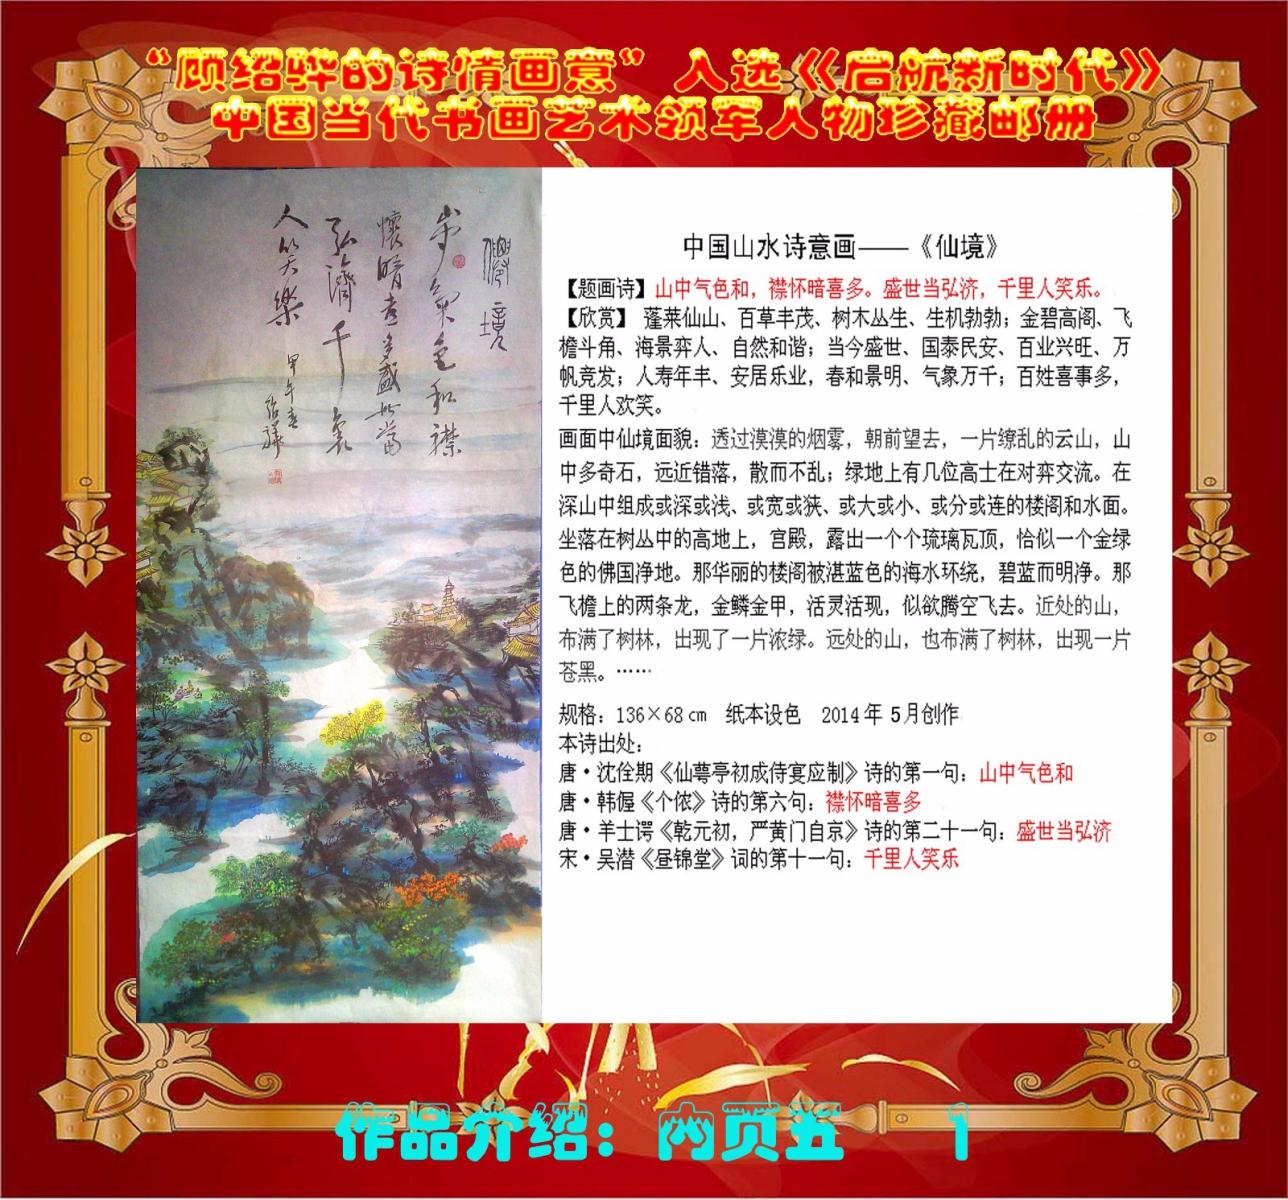 """""""顾绍骅的诗情画意""""入选《启航新时代》中国当代书画艺术领军人物珍藏集邮册 ... ..._图1-18"""